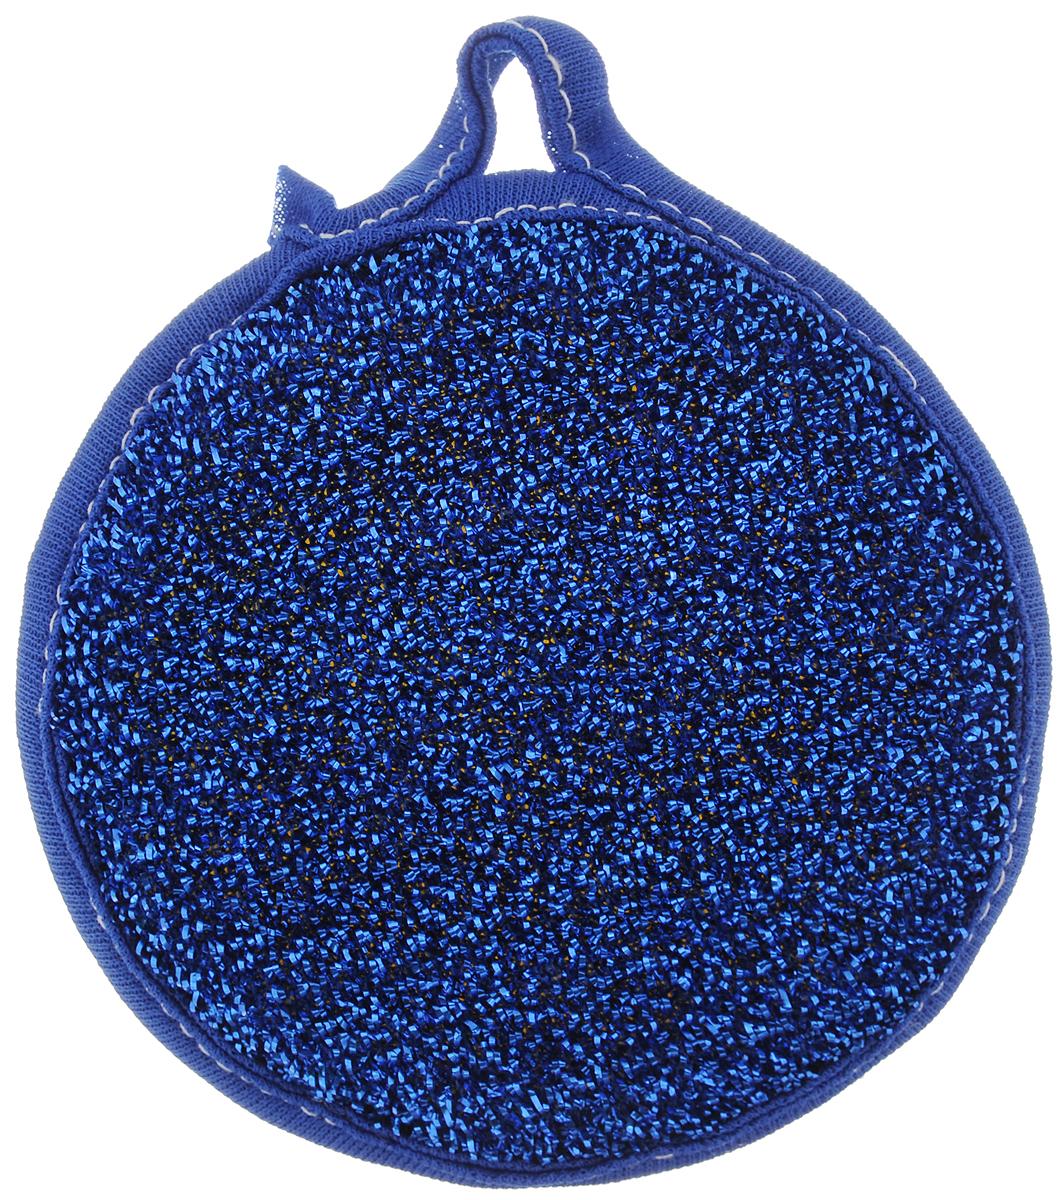 Губка для мытья посуды Youll love, двухсторонняя, для тефлона, цвет: синий, слоновая кость58755_синийГубка для мытья посуды Youll love изготовлена из поролона. Она двухсторонняя: одна сторона выполнена из полипропиленовой металлизированной нити, а другая - из полимерных материалов. Губка подходит для очистки сильно загрязненных кухонных поверхностей, а также для мытья посуды из нержавеющей стали и с тефлоновым покрытием. Материал: полипропиленовая металлизированная нить, поролон, полимерные материалы. Размер губки: 12 см х 12 см х 2,5 см.